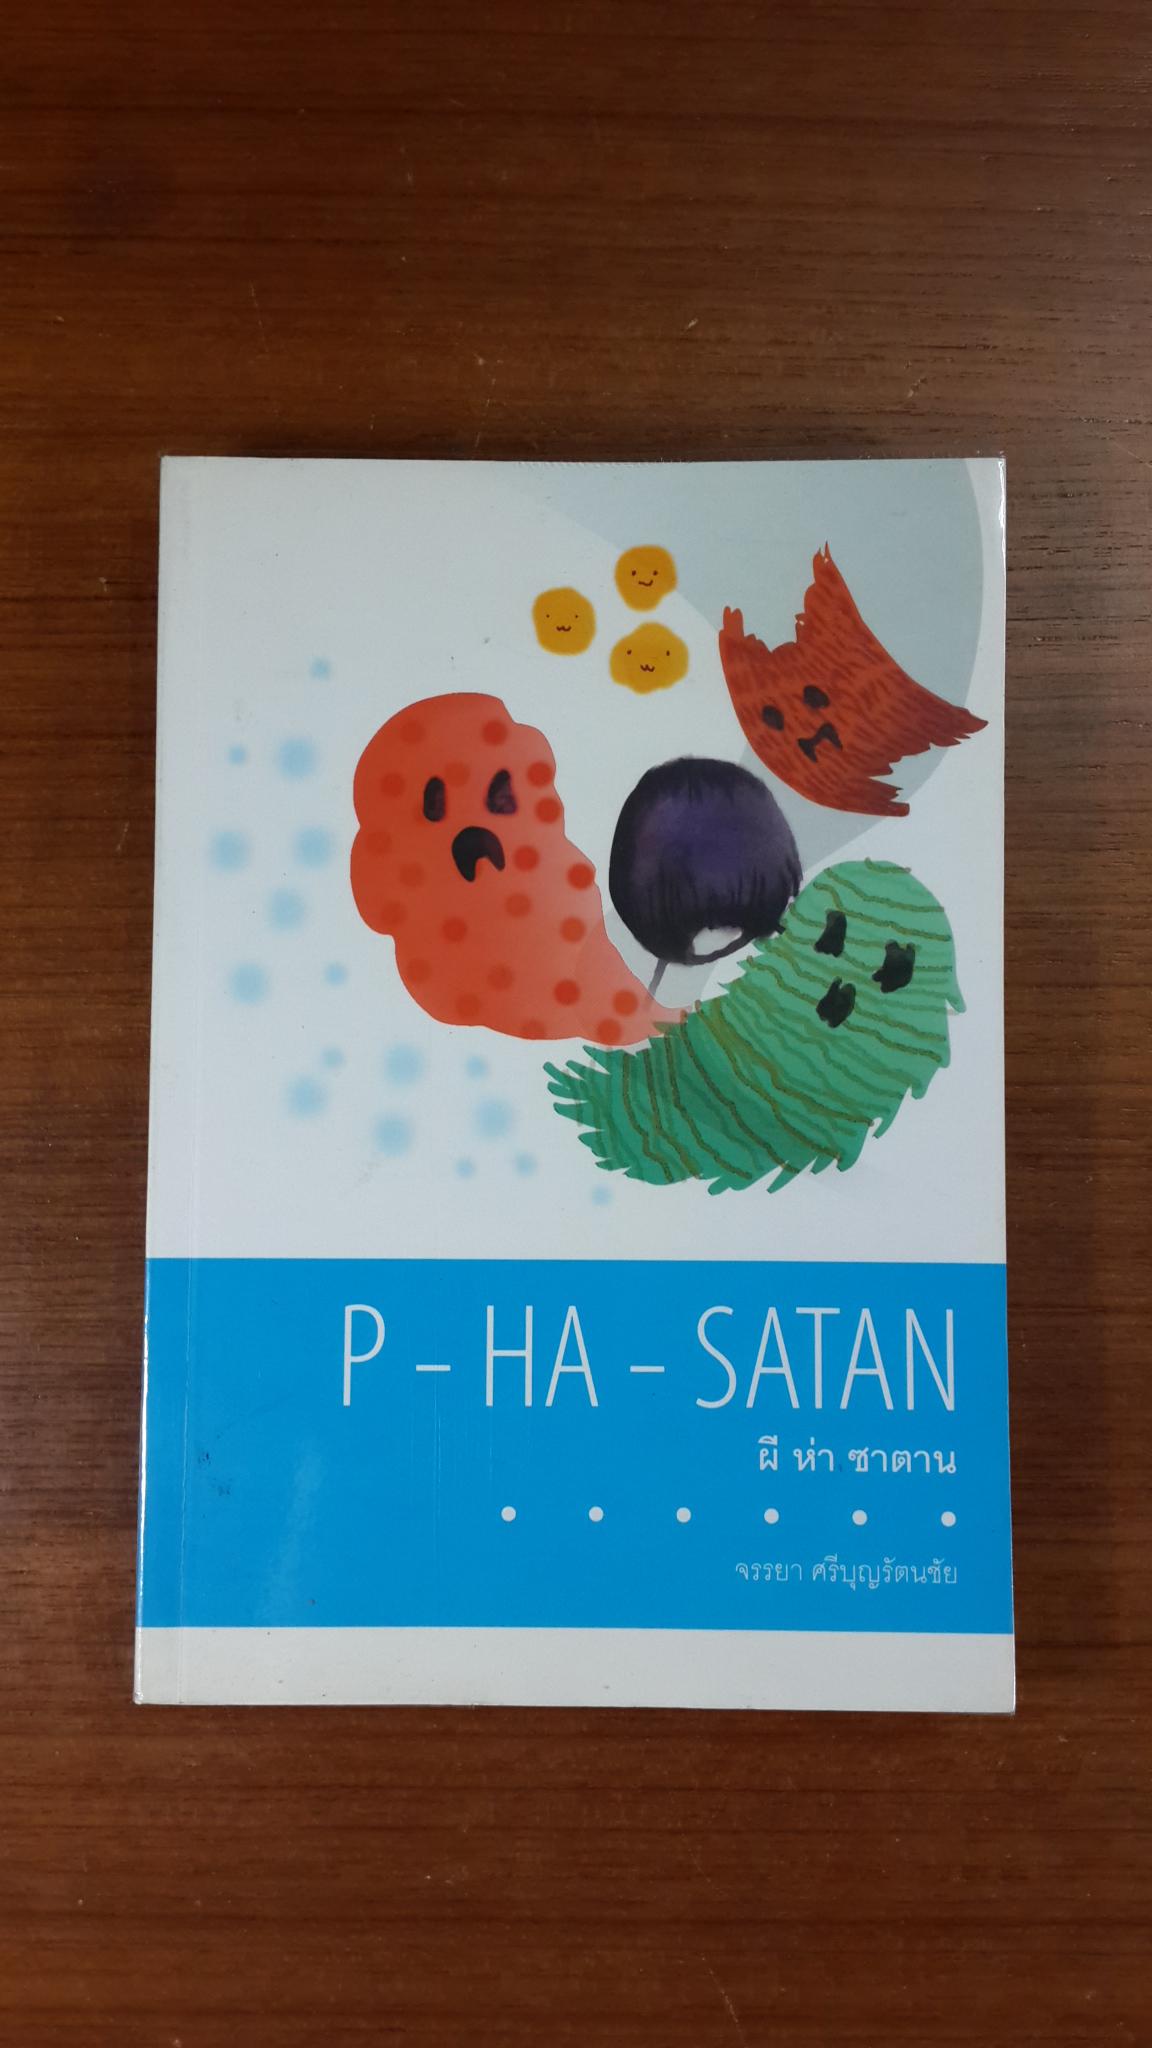 ผี-ห่า-ซาตาน / จรรยา ศรีบุญรัตนชัย